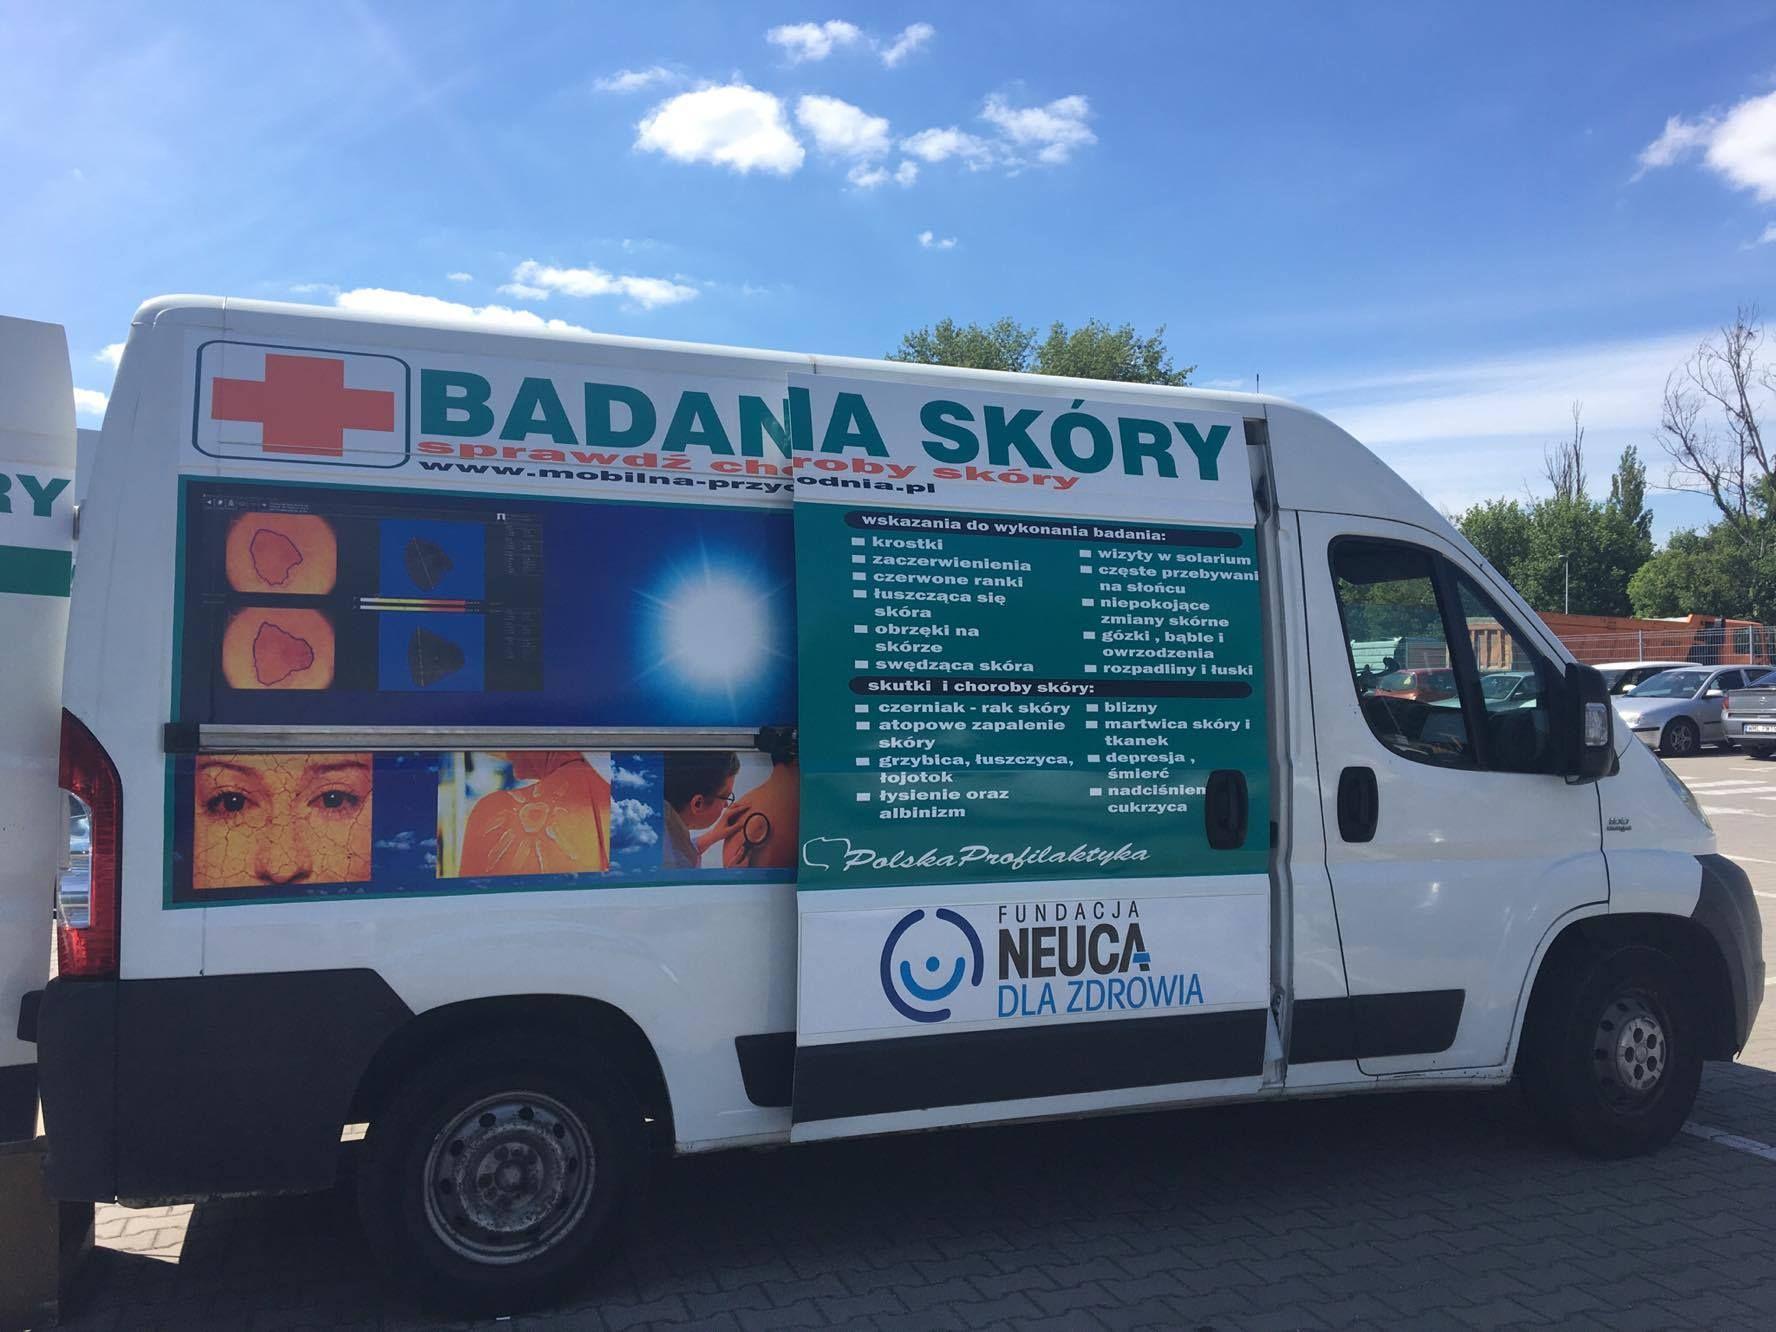 Diagnostyka znamion - czas start! Akcja bezpłatnych badań dermatoskopowych w Andrychowie